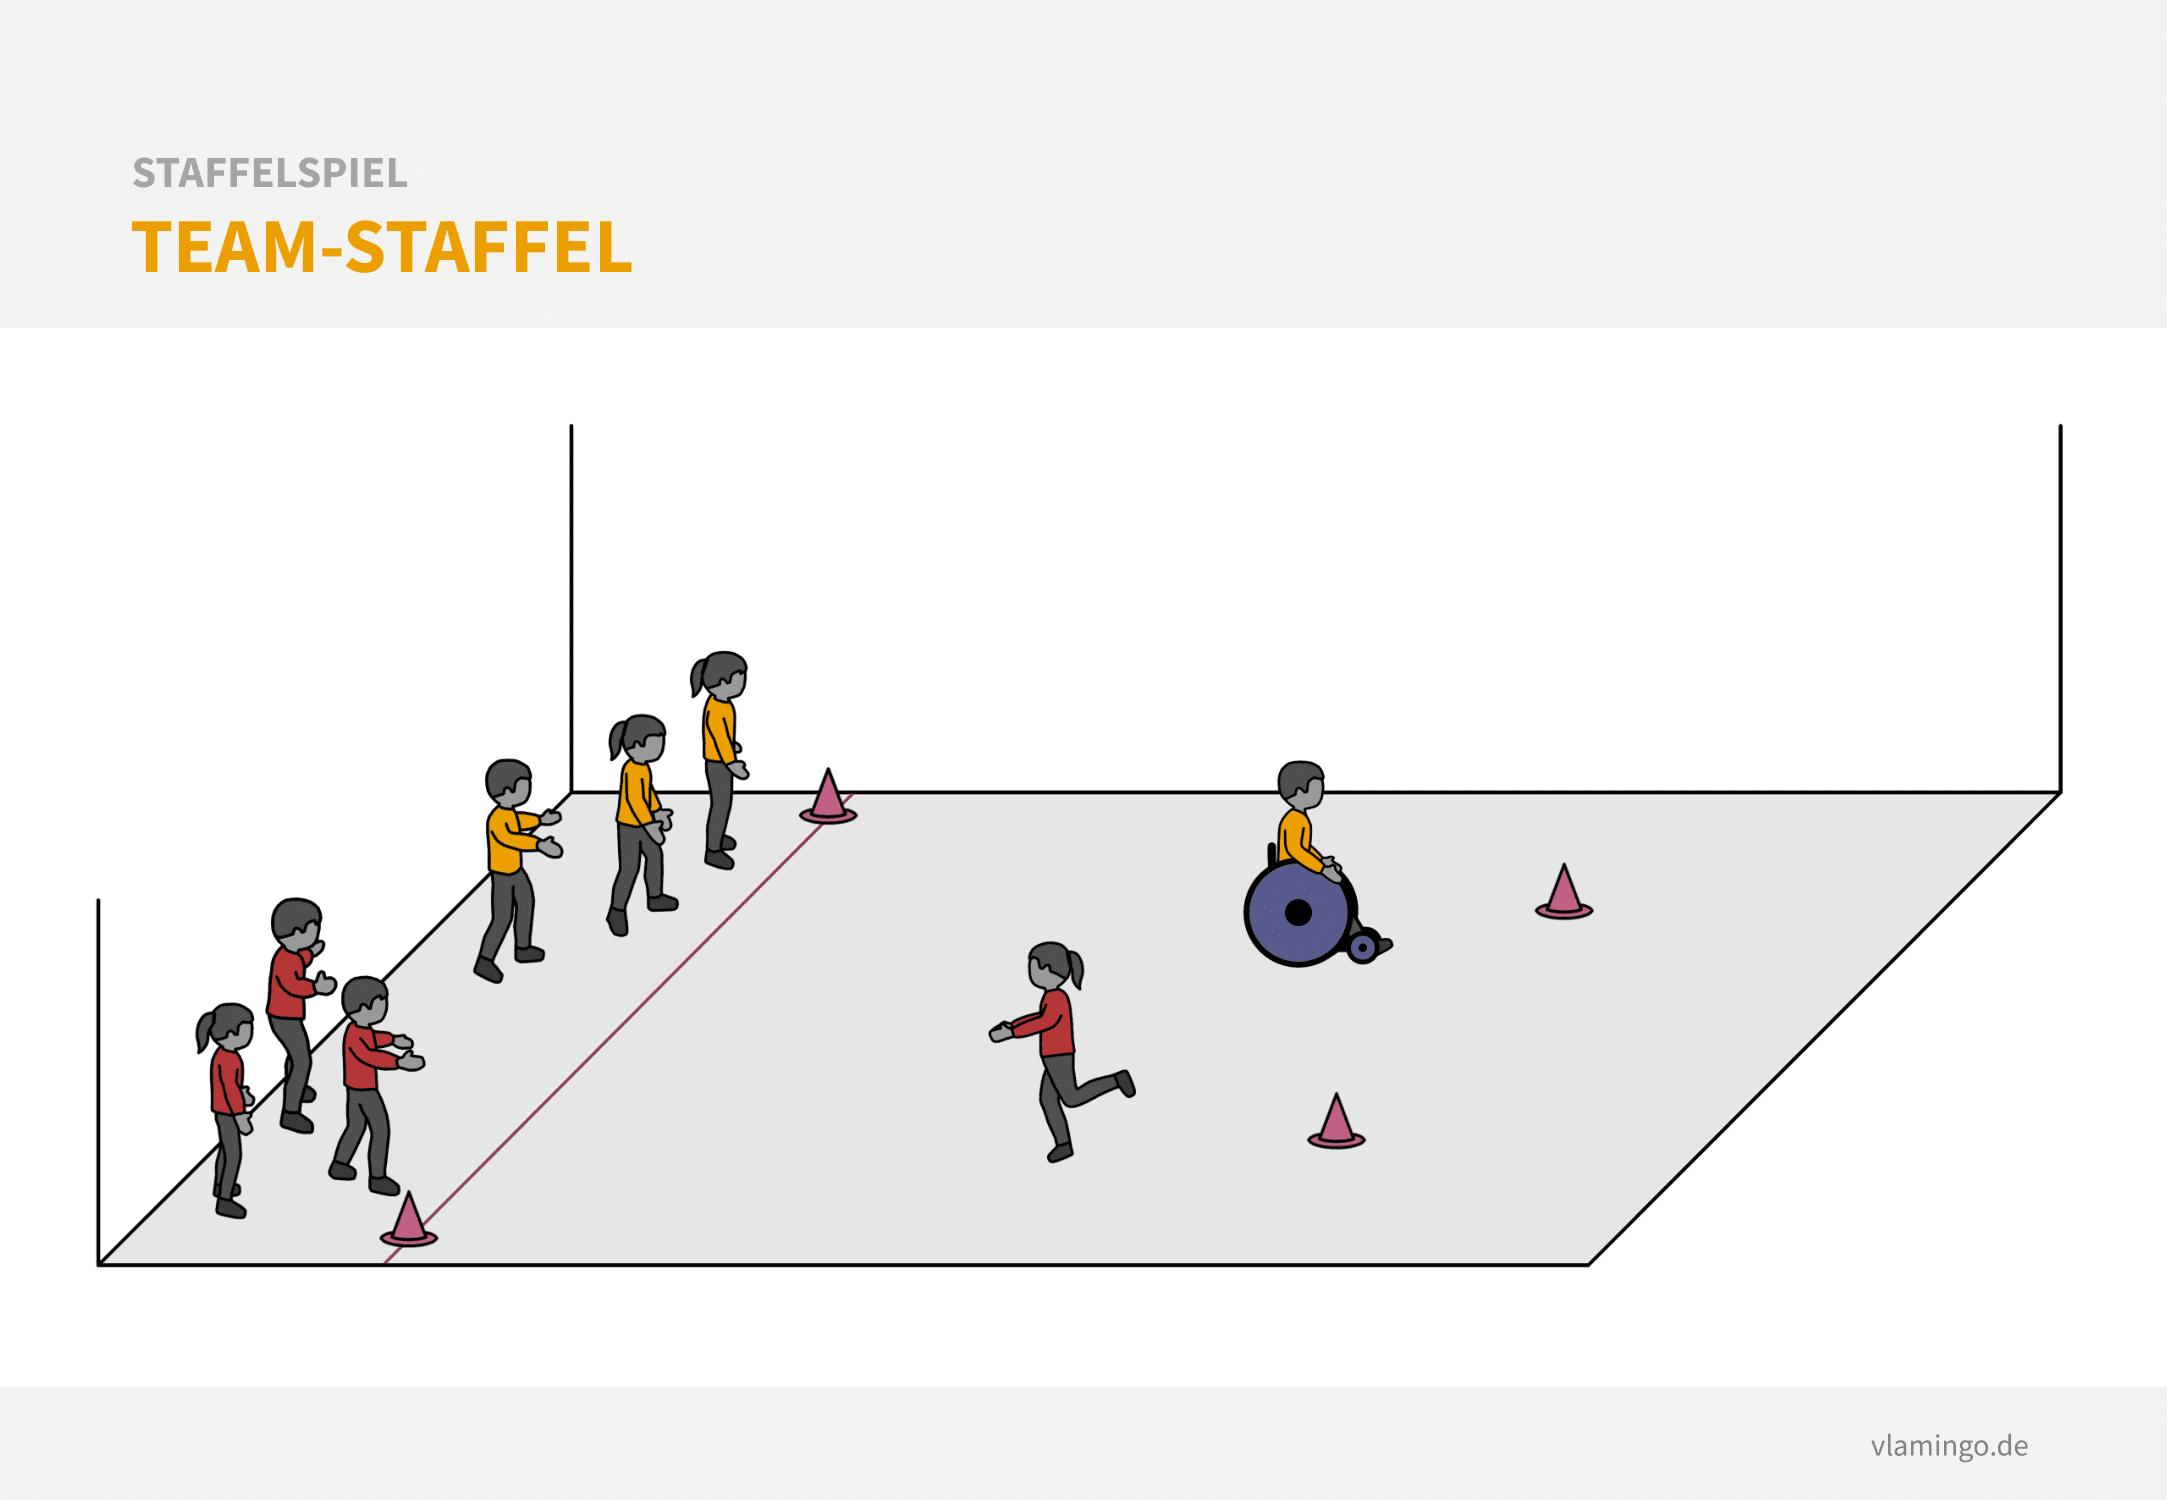 Staffelspiel - Team-Staffel